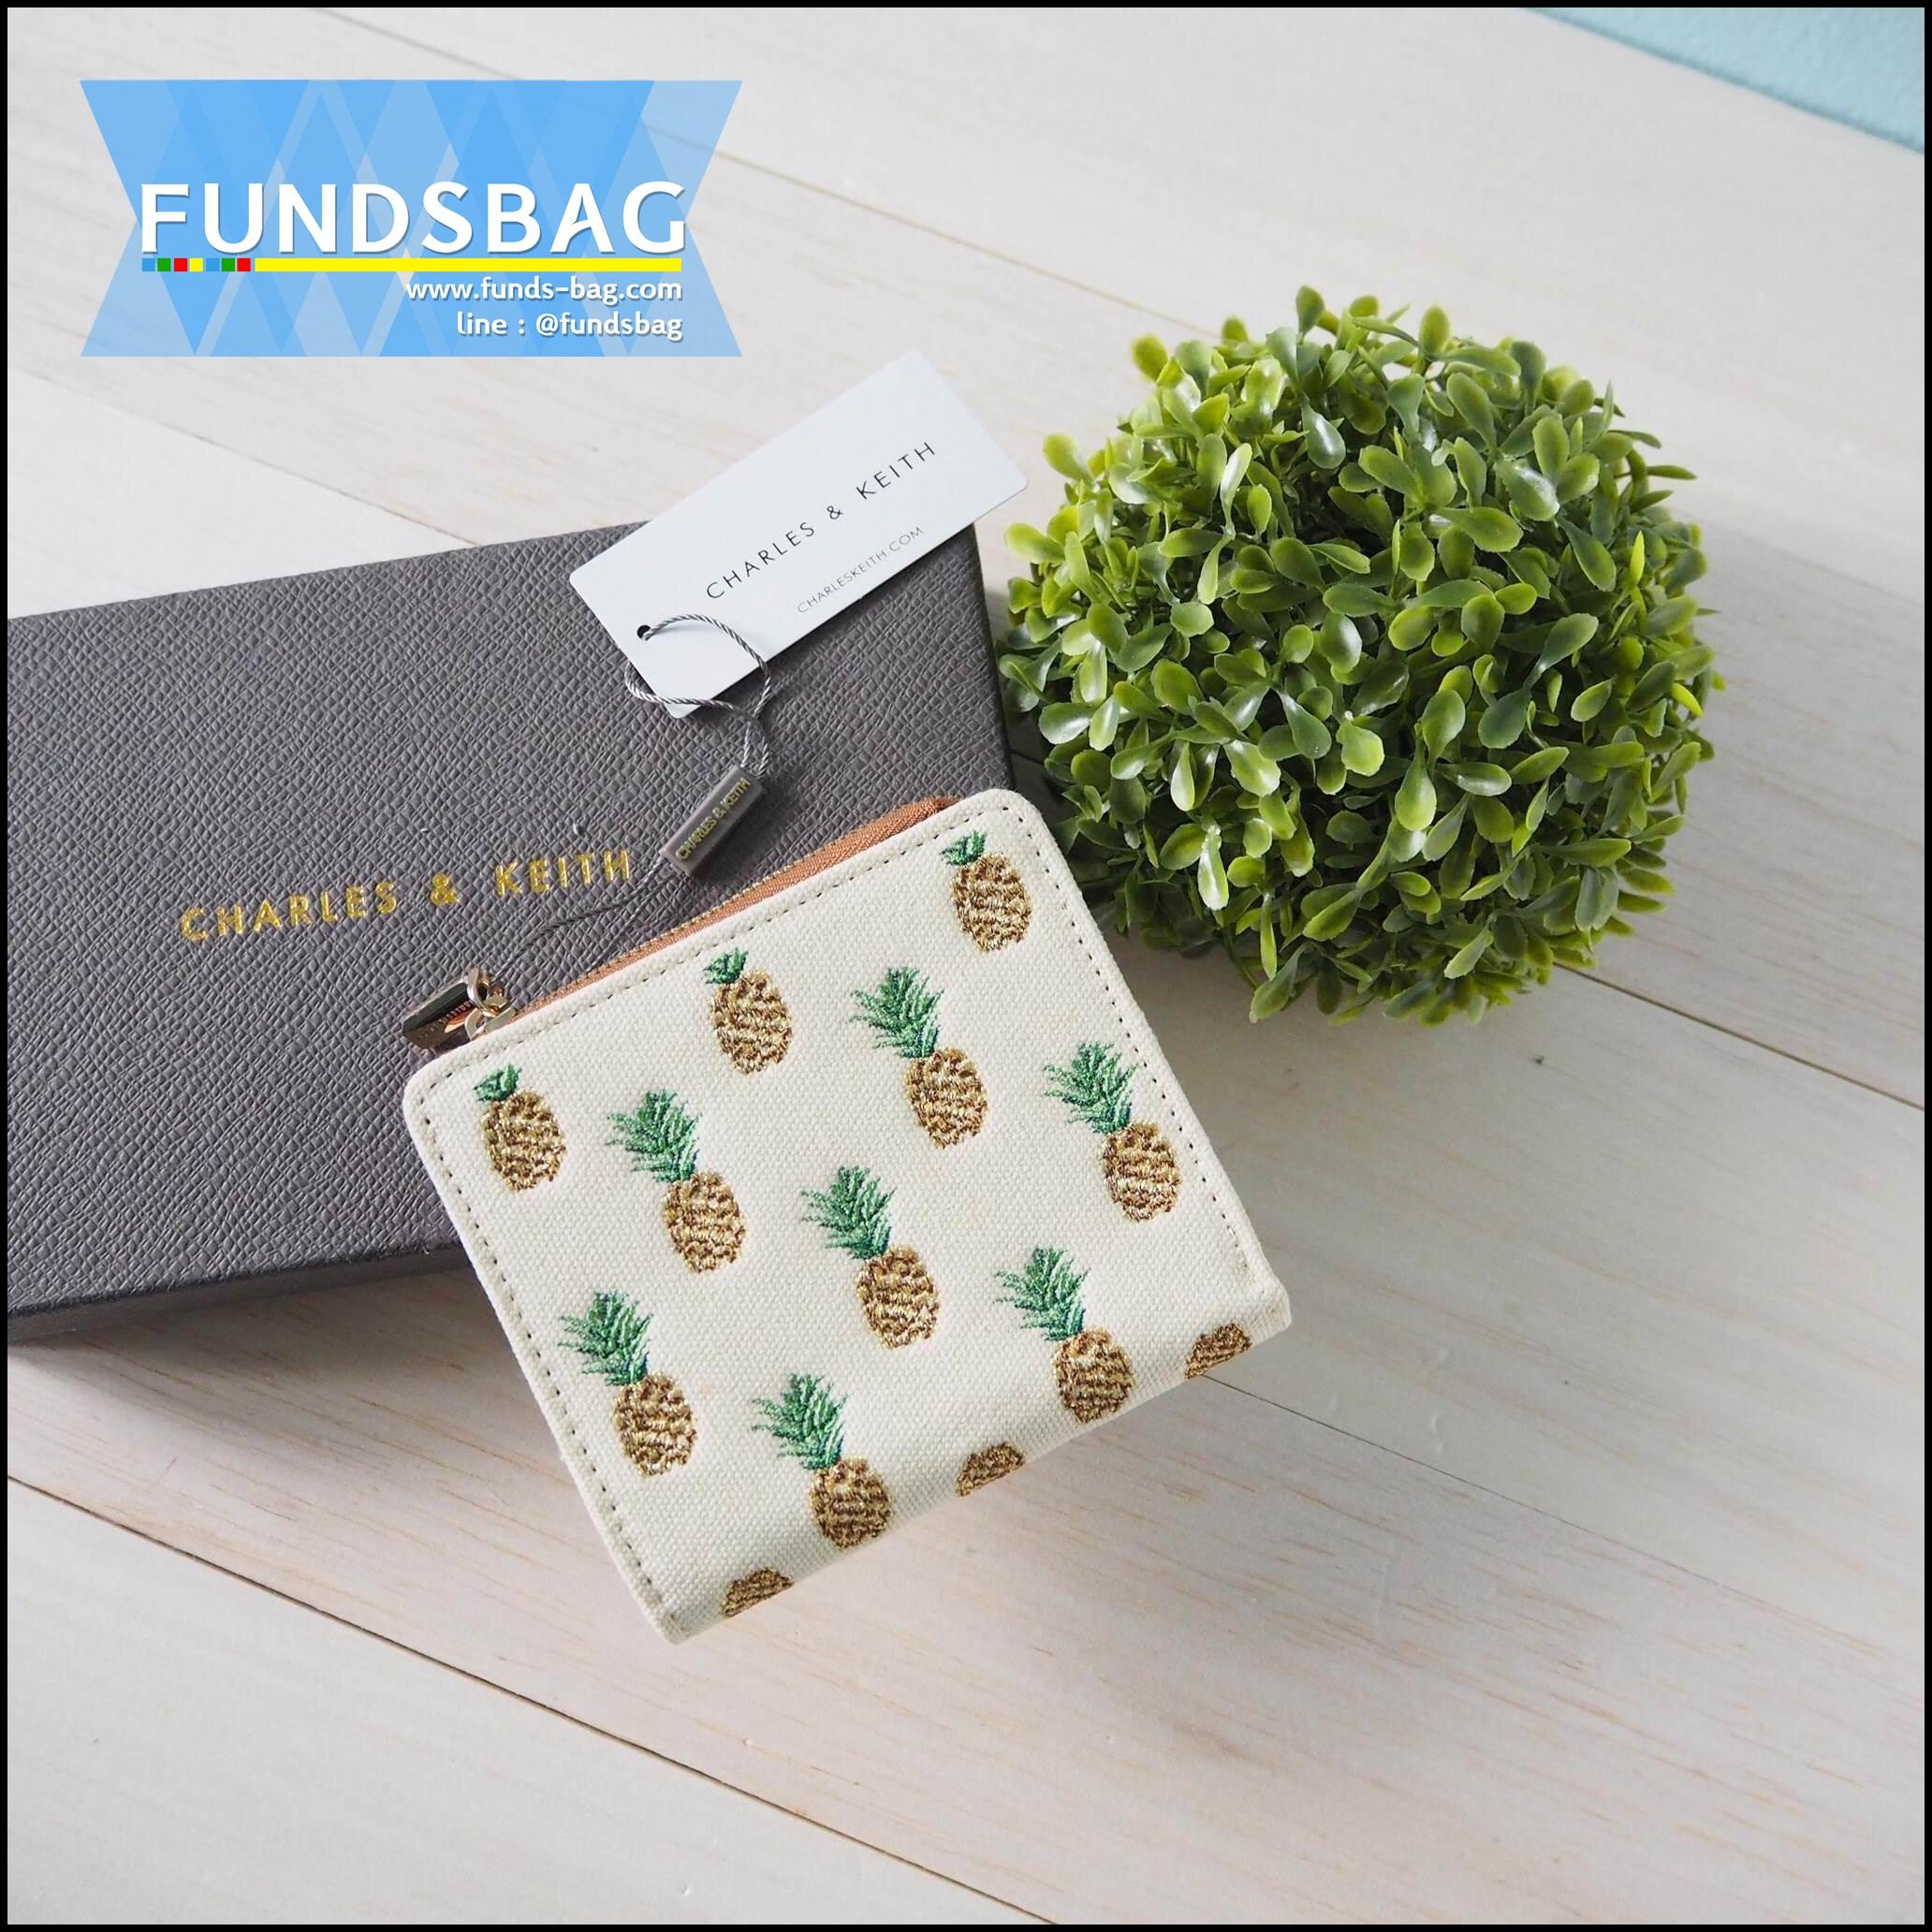 กระเป๋าสตางค์ใบสั้น CHARLES & KEITH BEIGE BOXY PINEAPPLE WALLET